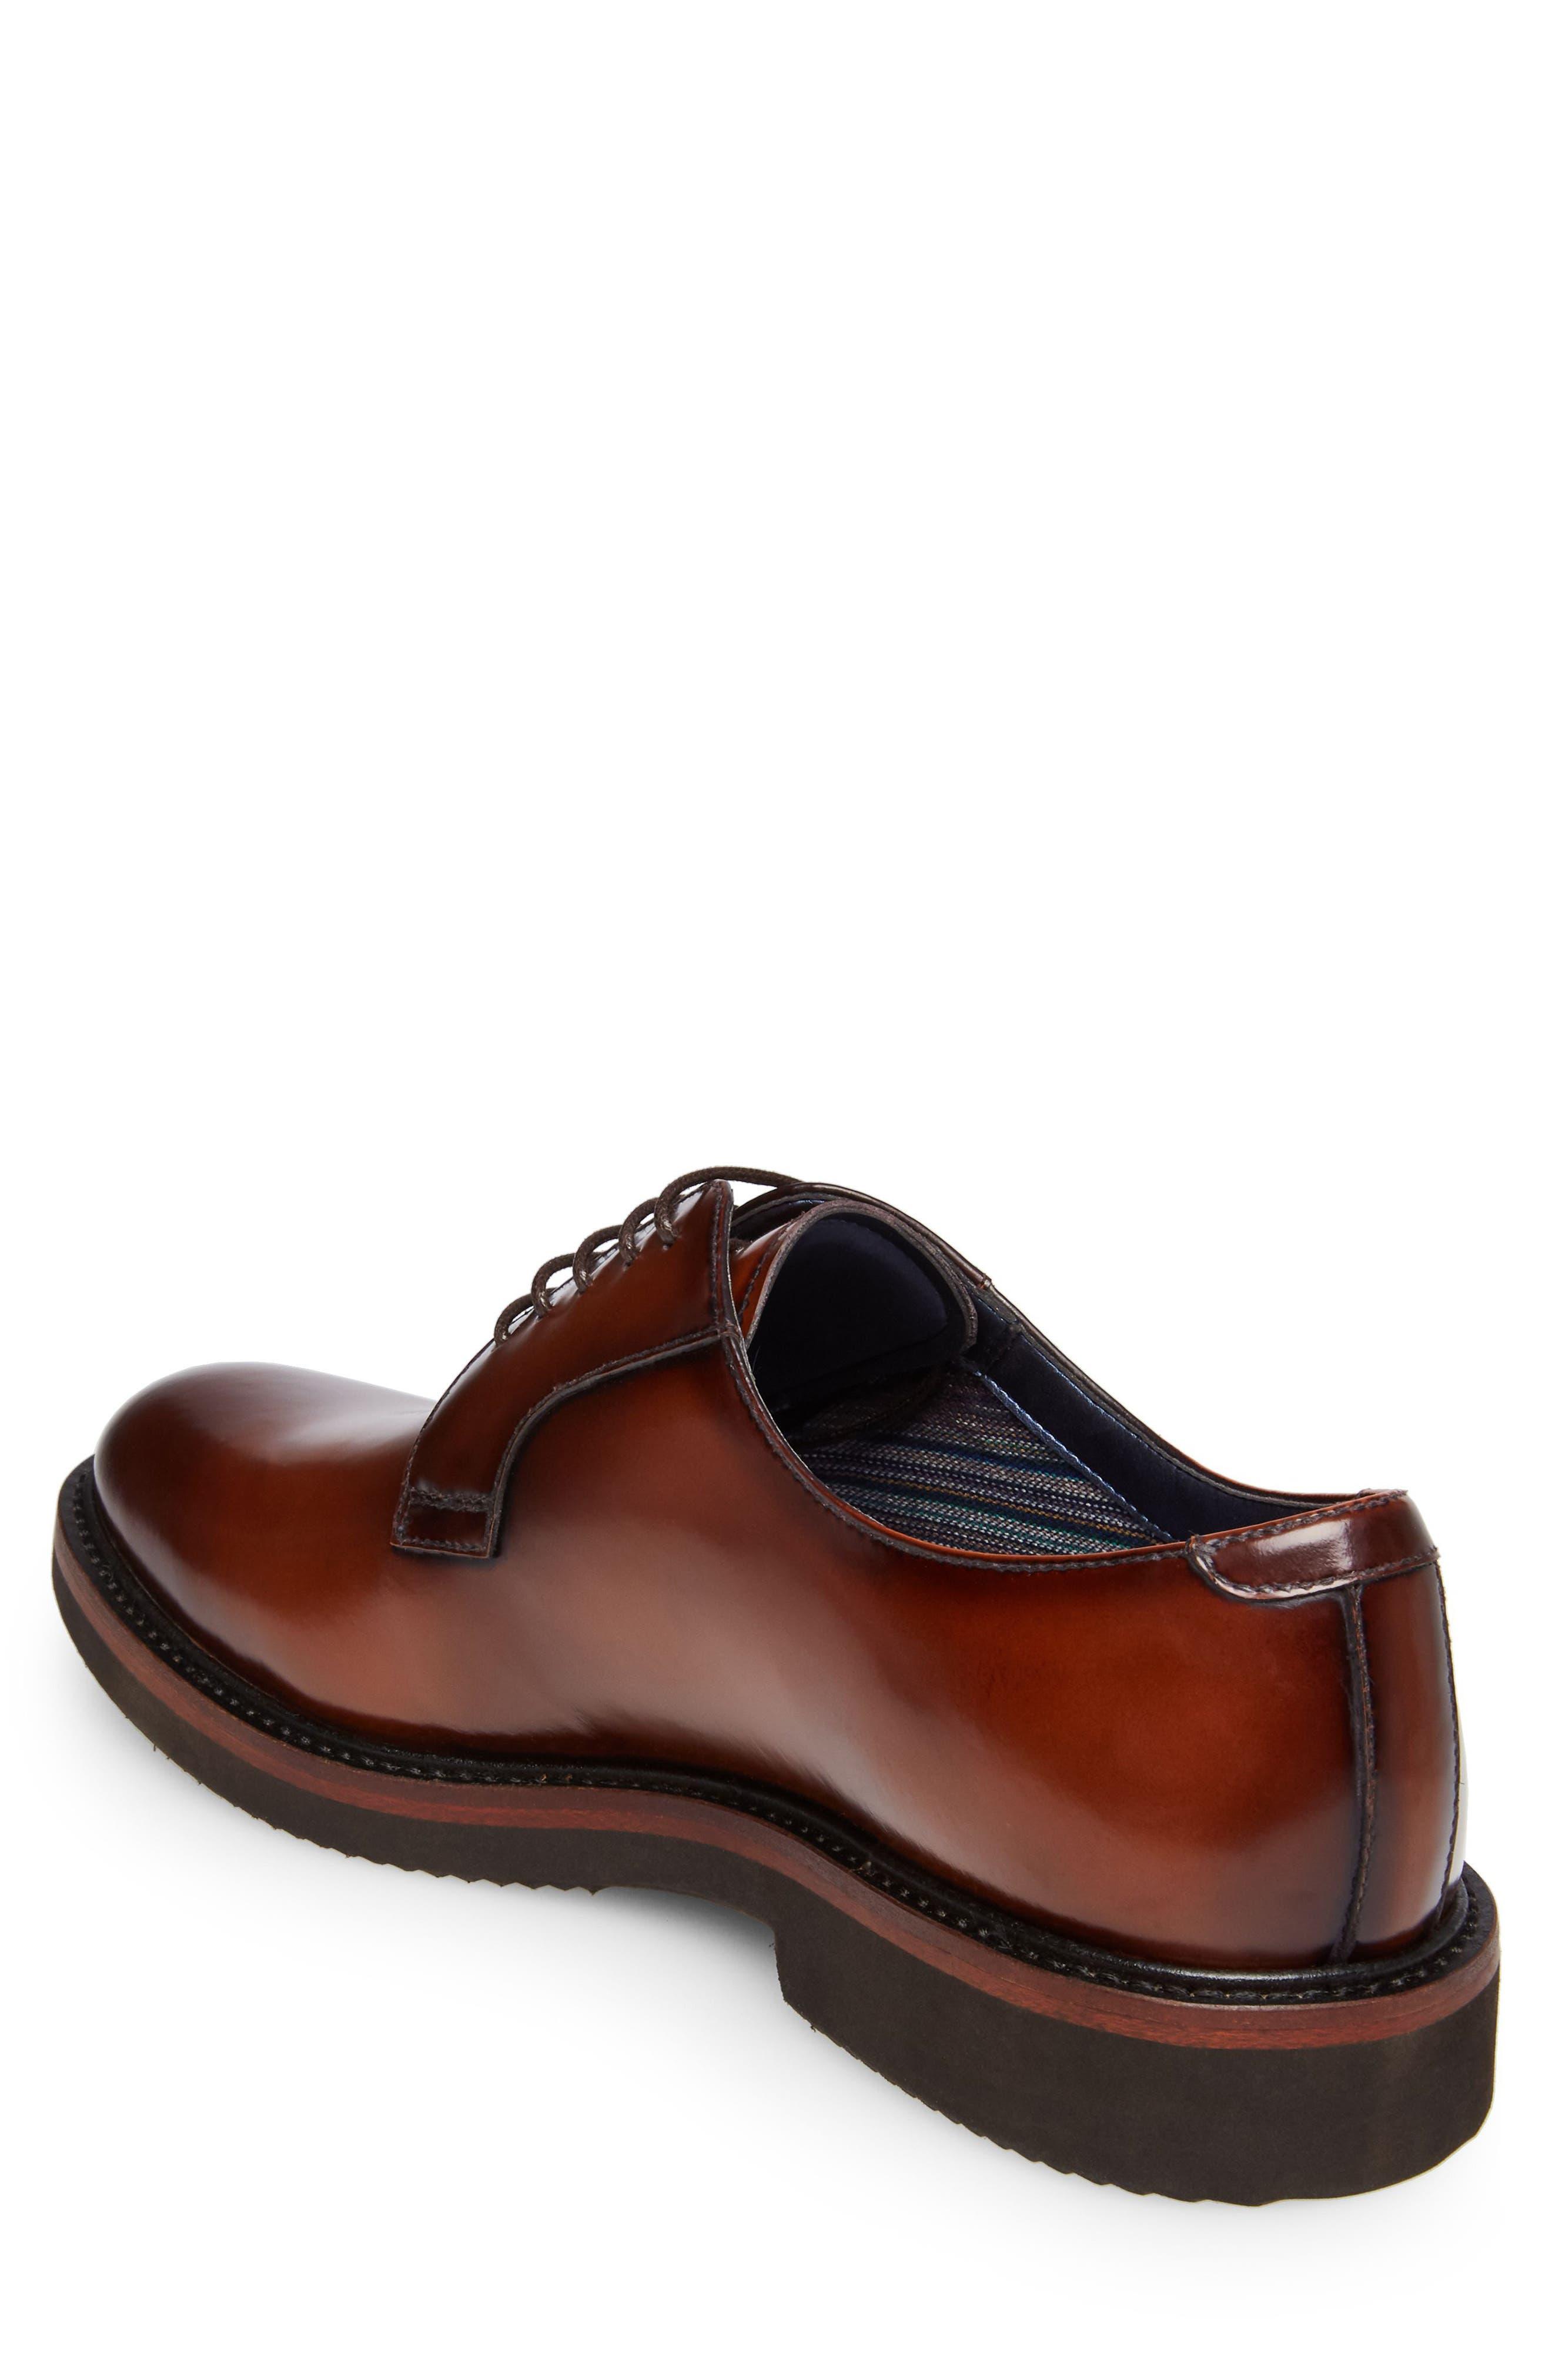 Alternate Image 2  - Steve Madden Drama Plain Toe Derby (Men)